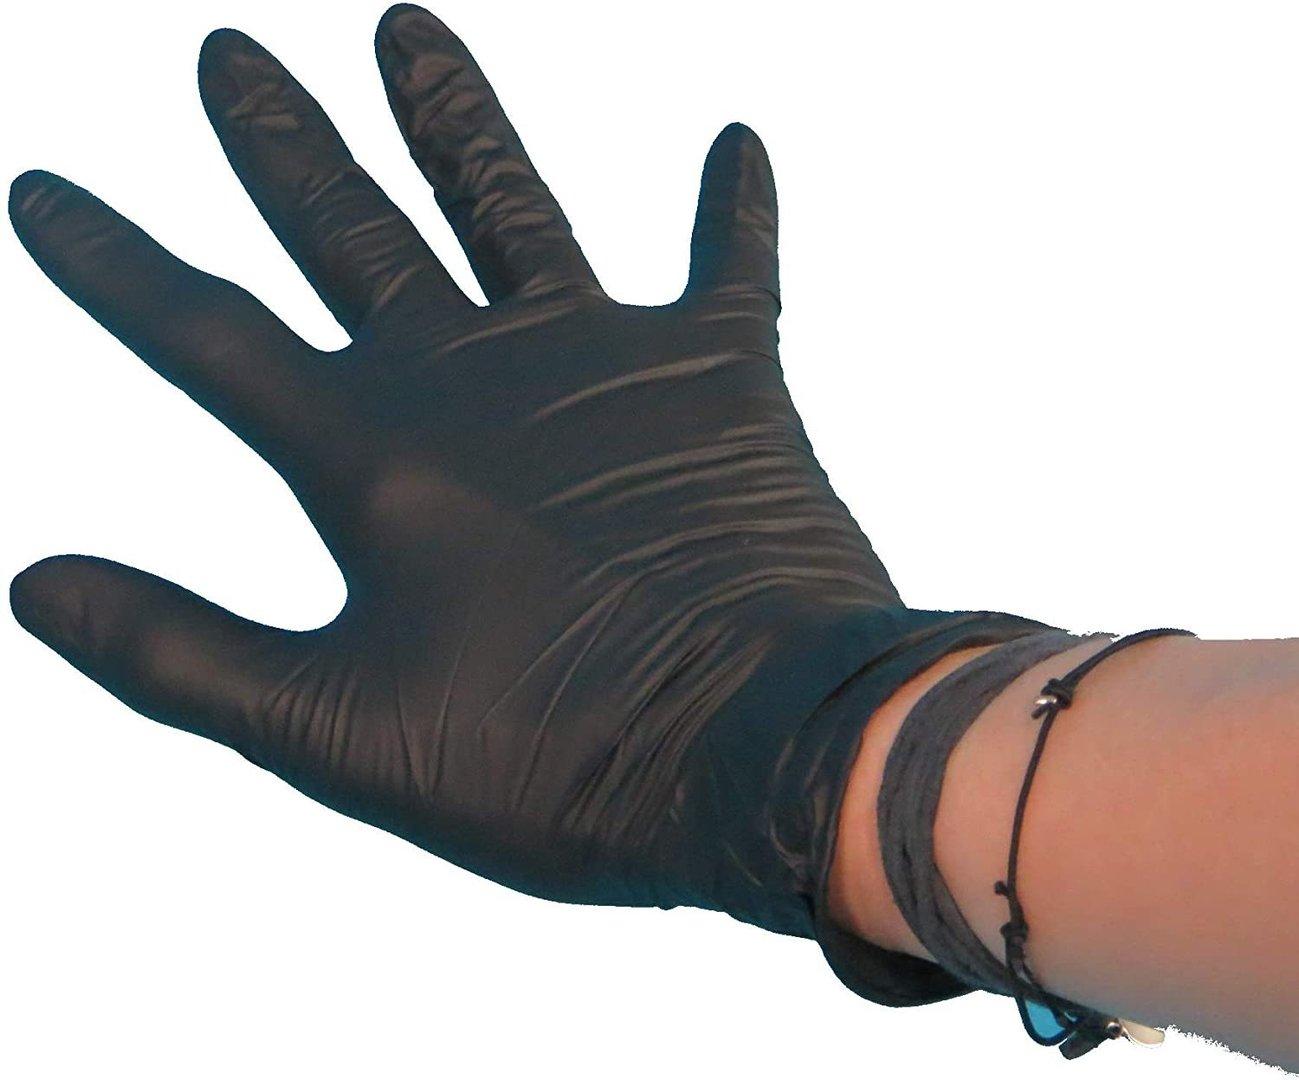 Einmalhandschuhe Latex ungepudert schwarz versch. Größen 100St.